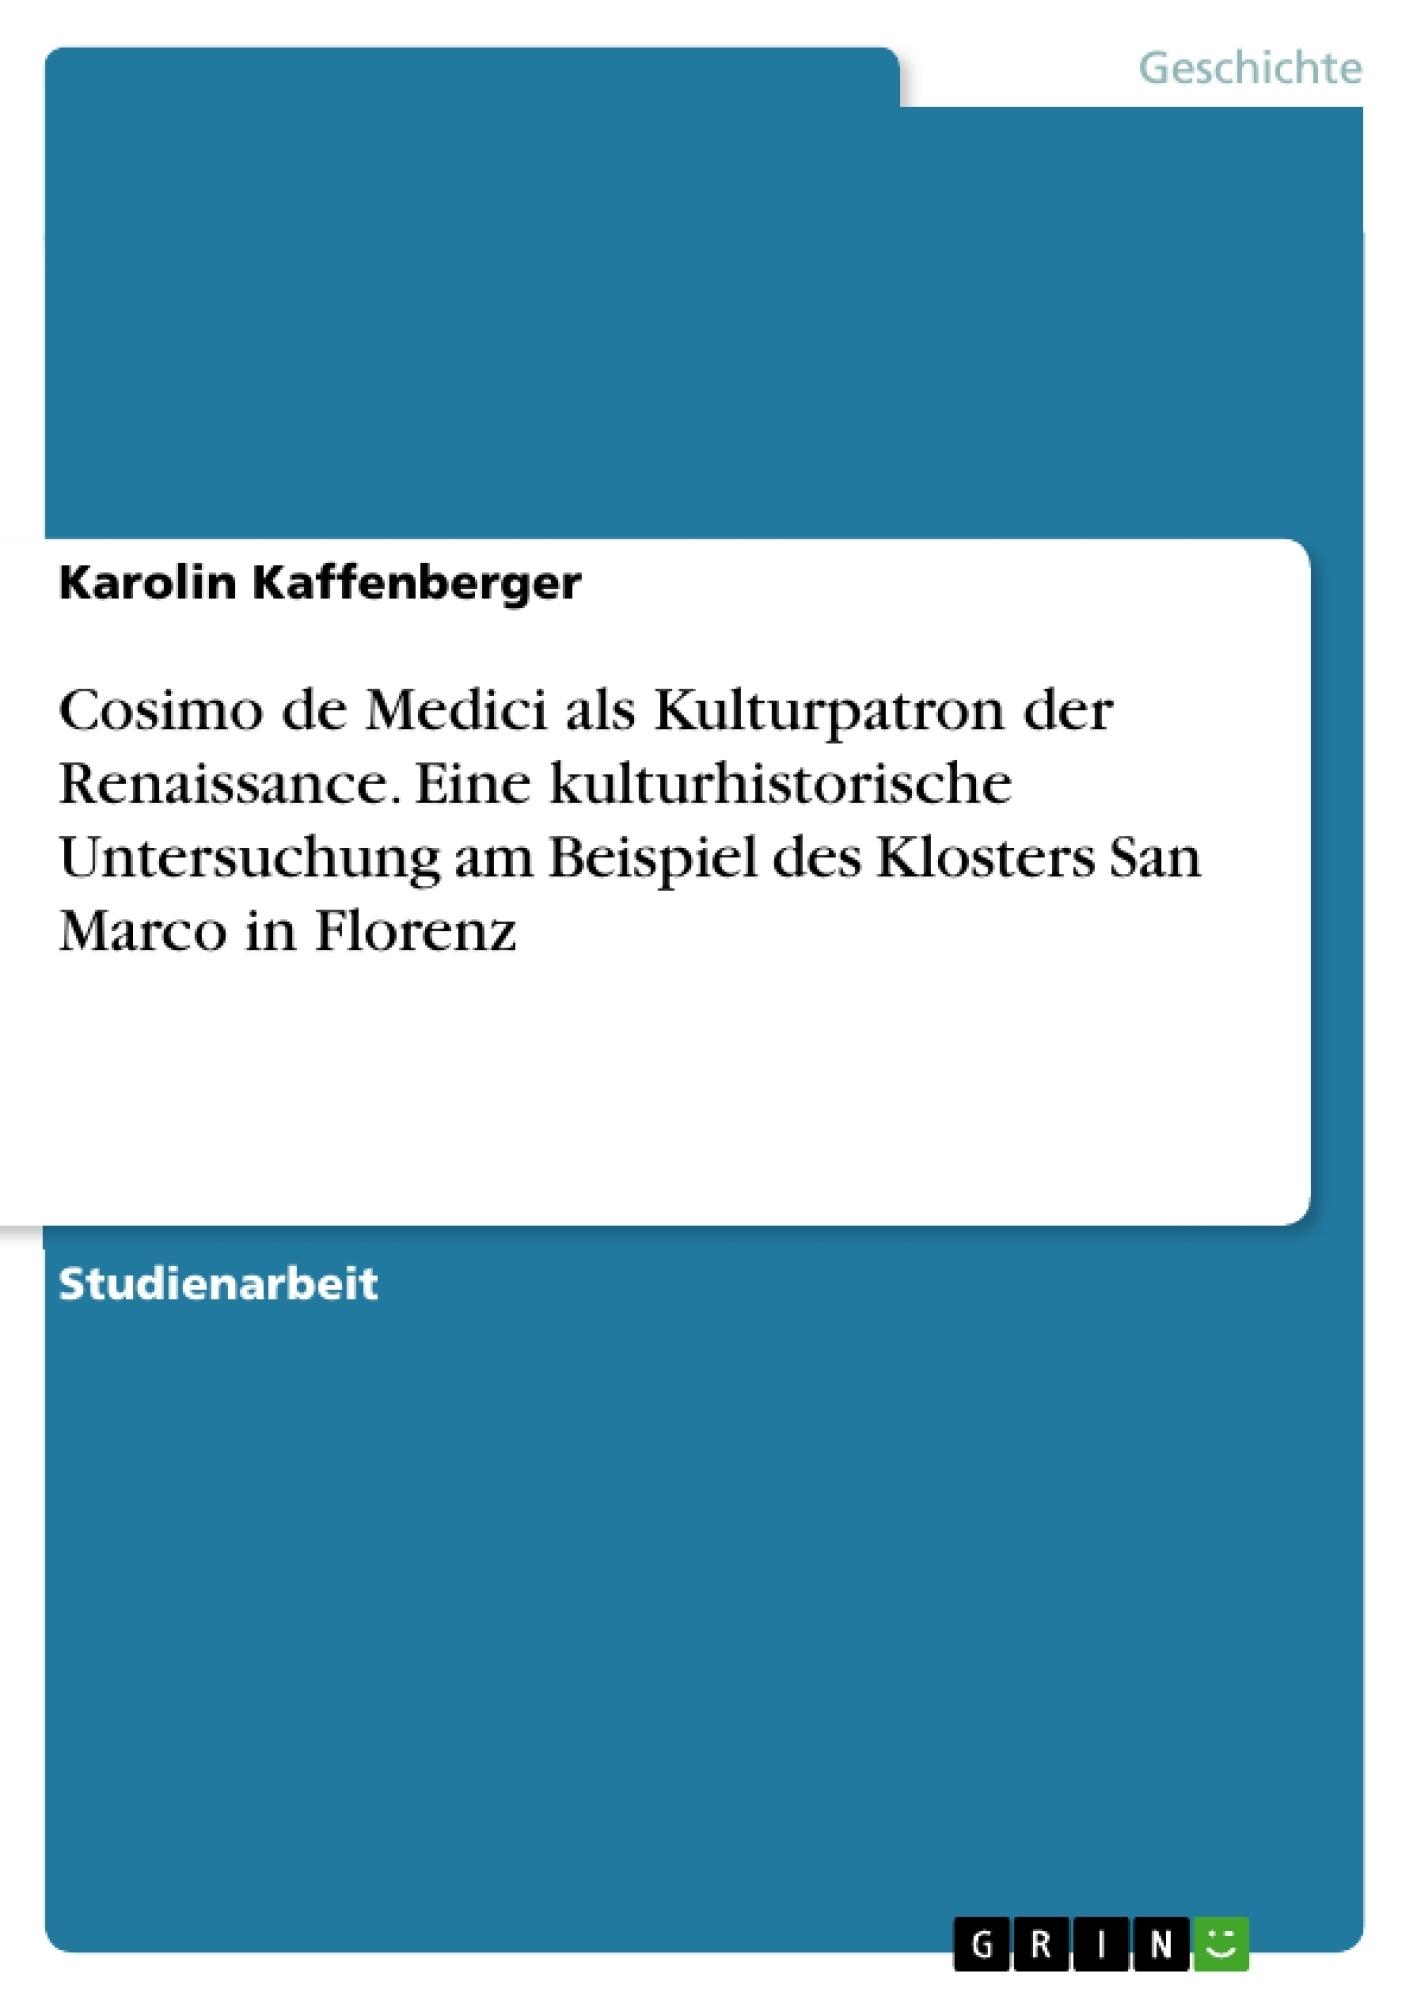 Titel: Cosimo de Medici als Kulturpatron der Renaissance. Eine kulturhistorische Untersuchung am Beispiel des Klosters San Marco in Florenz